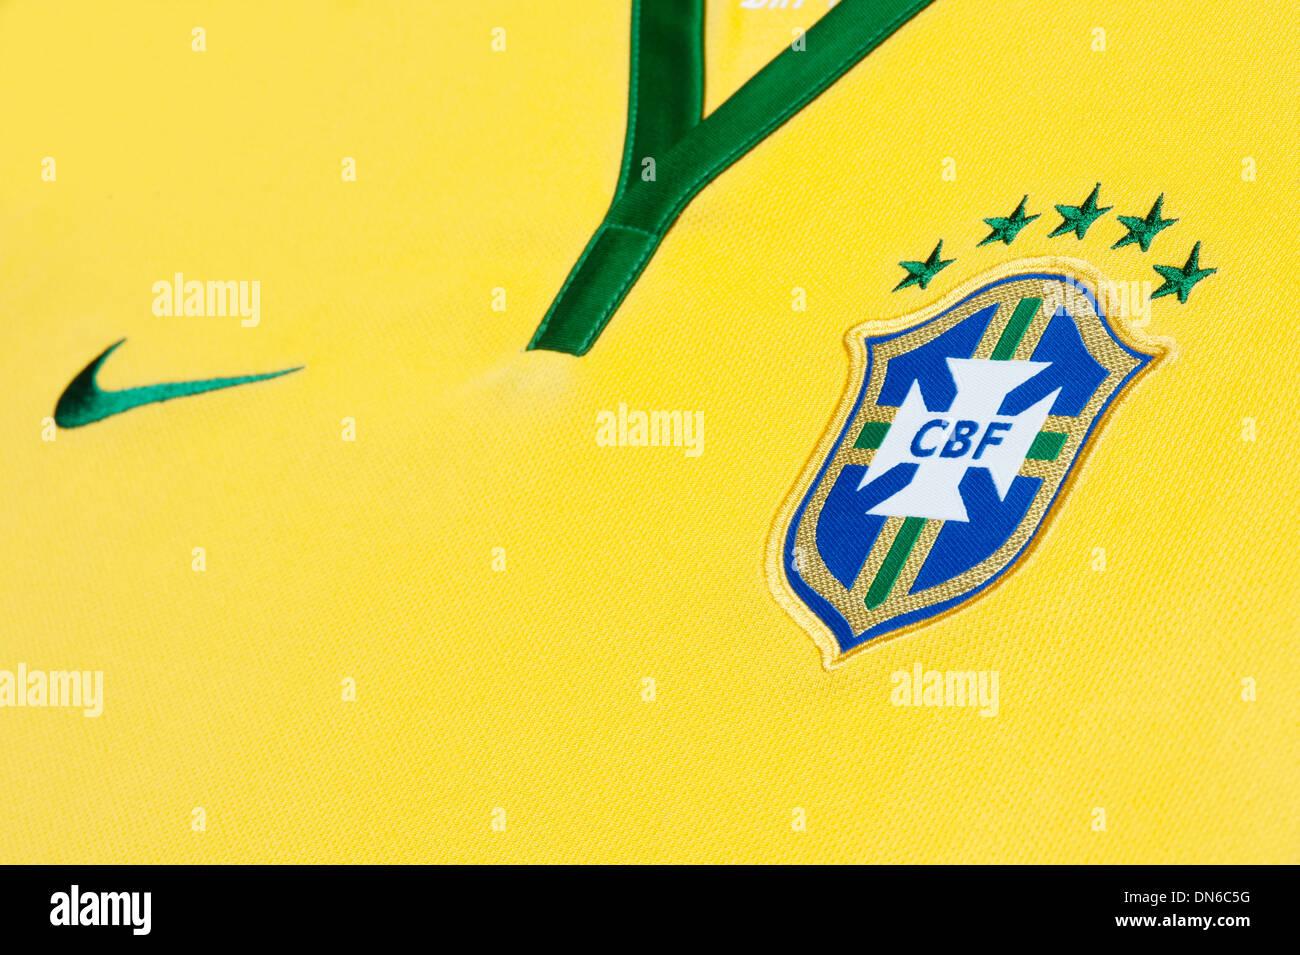 Brasil - Stock Image